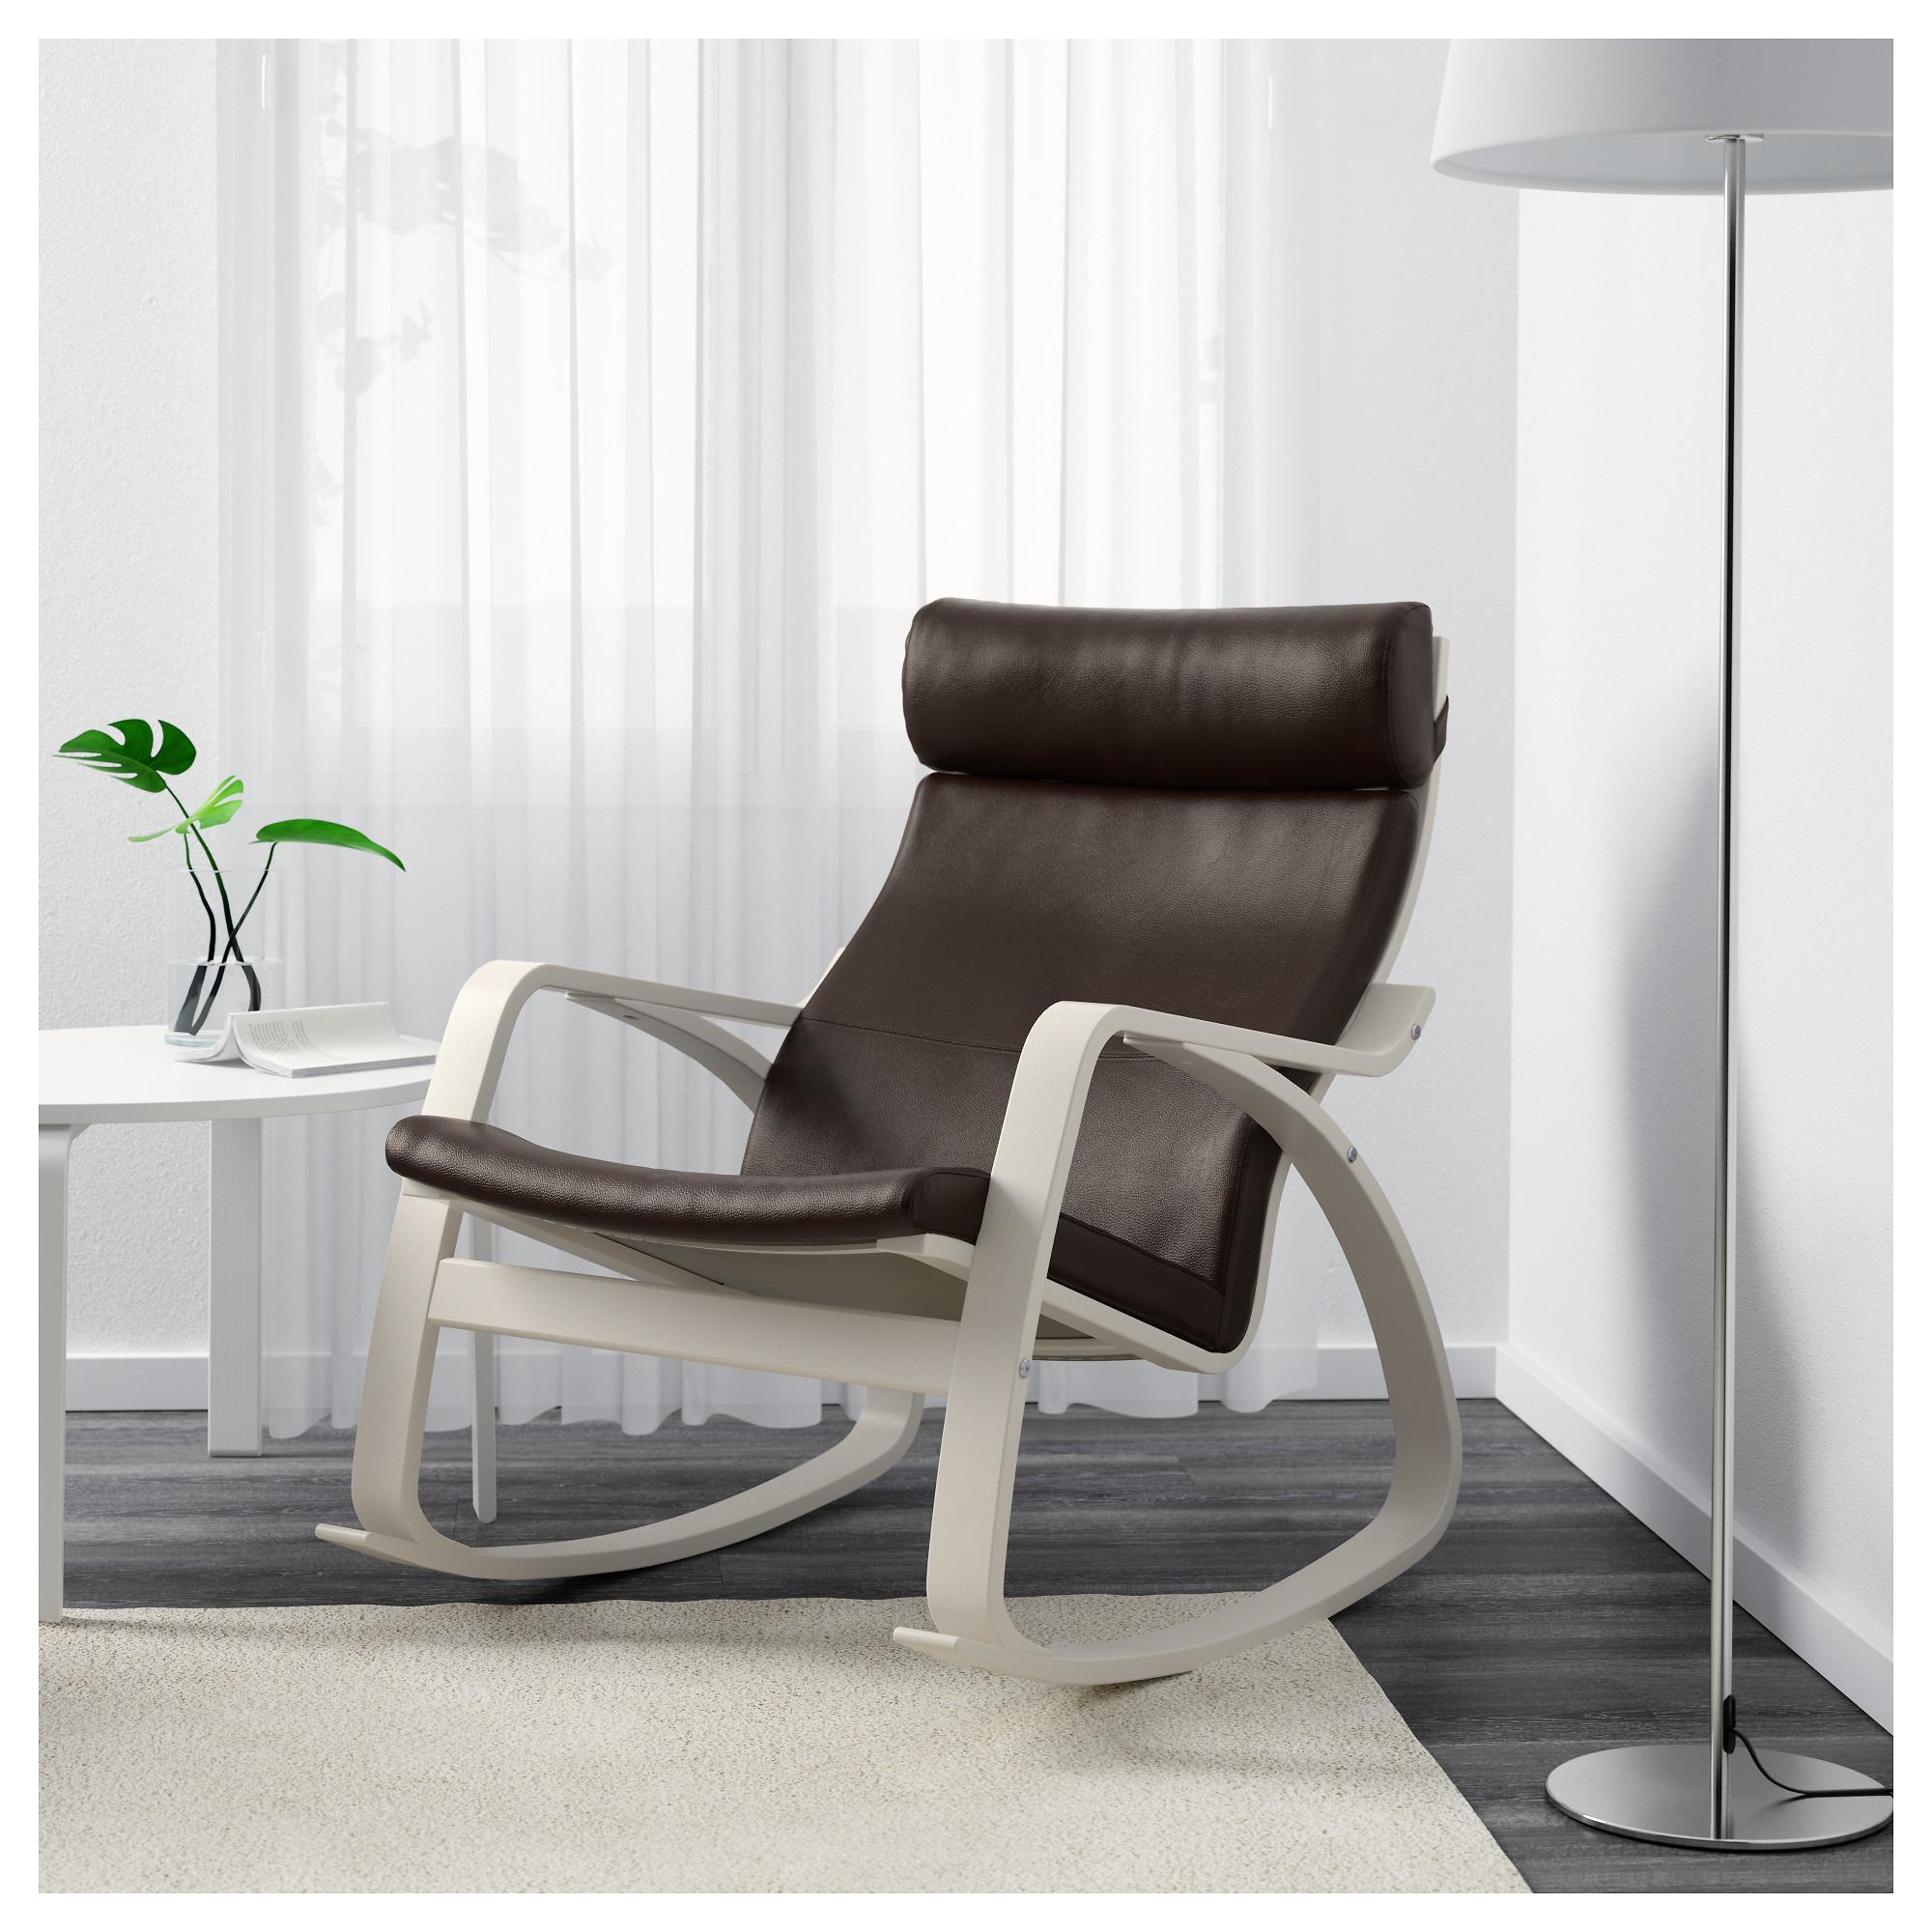 Кресло-качалка ПОЭНГ темно-коричневый артикуль № 292.816.98 в наличии. Online сайт IKEA Республика Беларусь. Недорогая доставка и соборка.